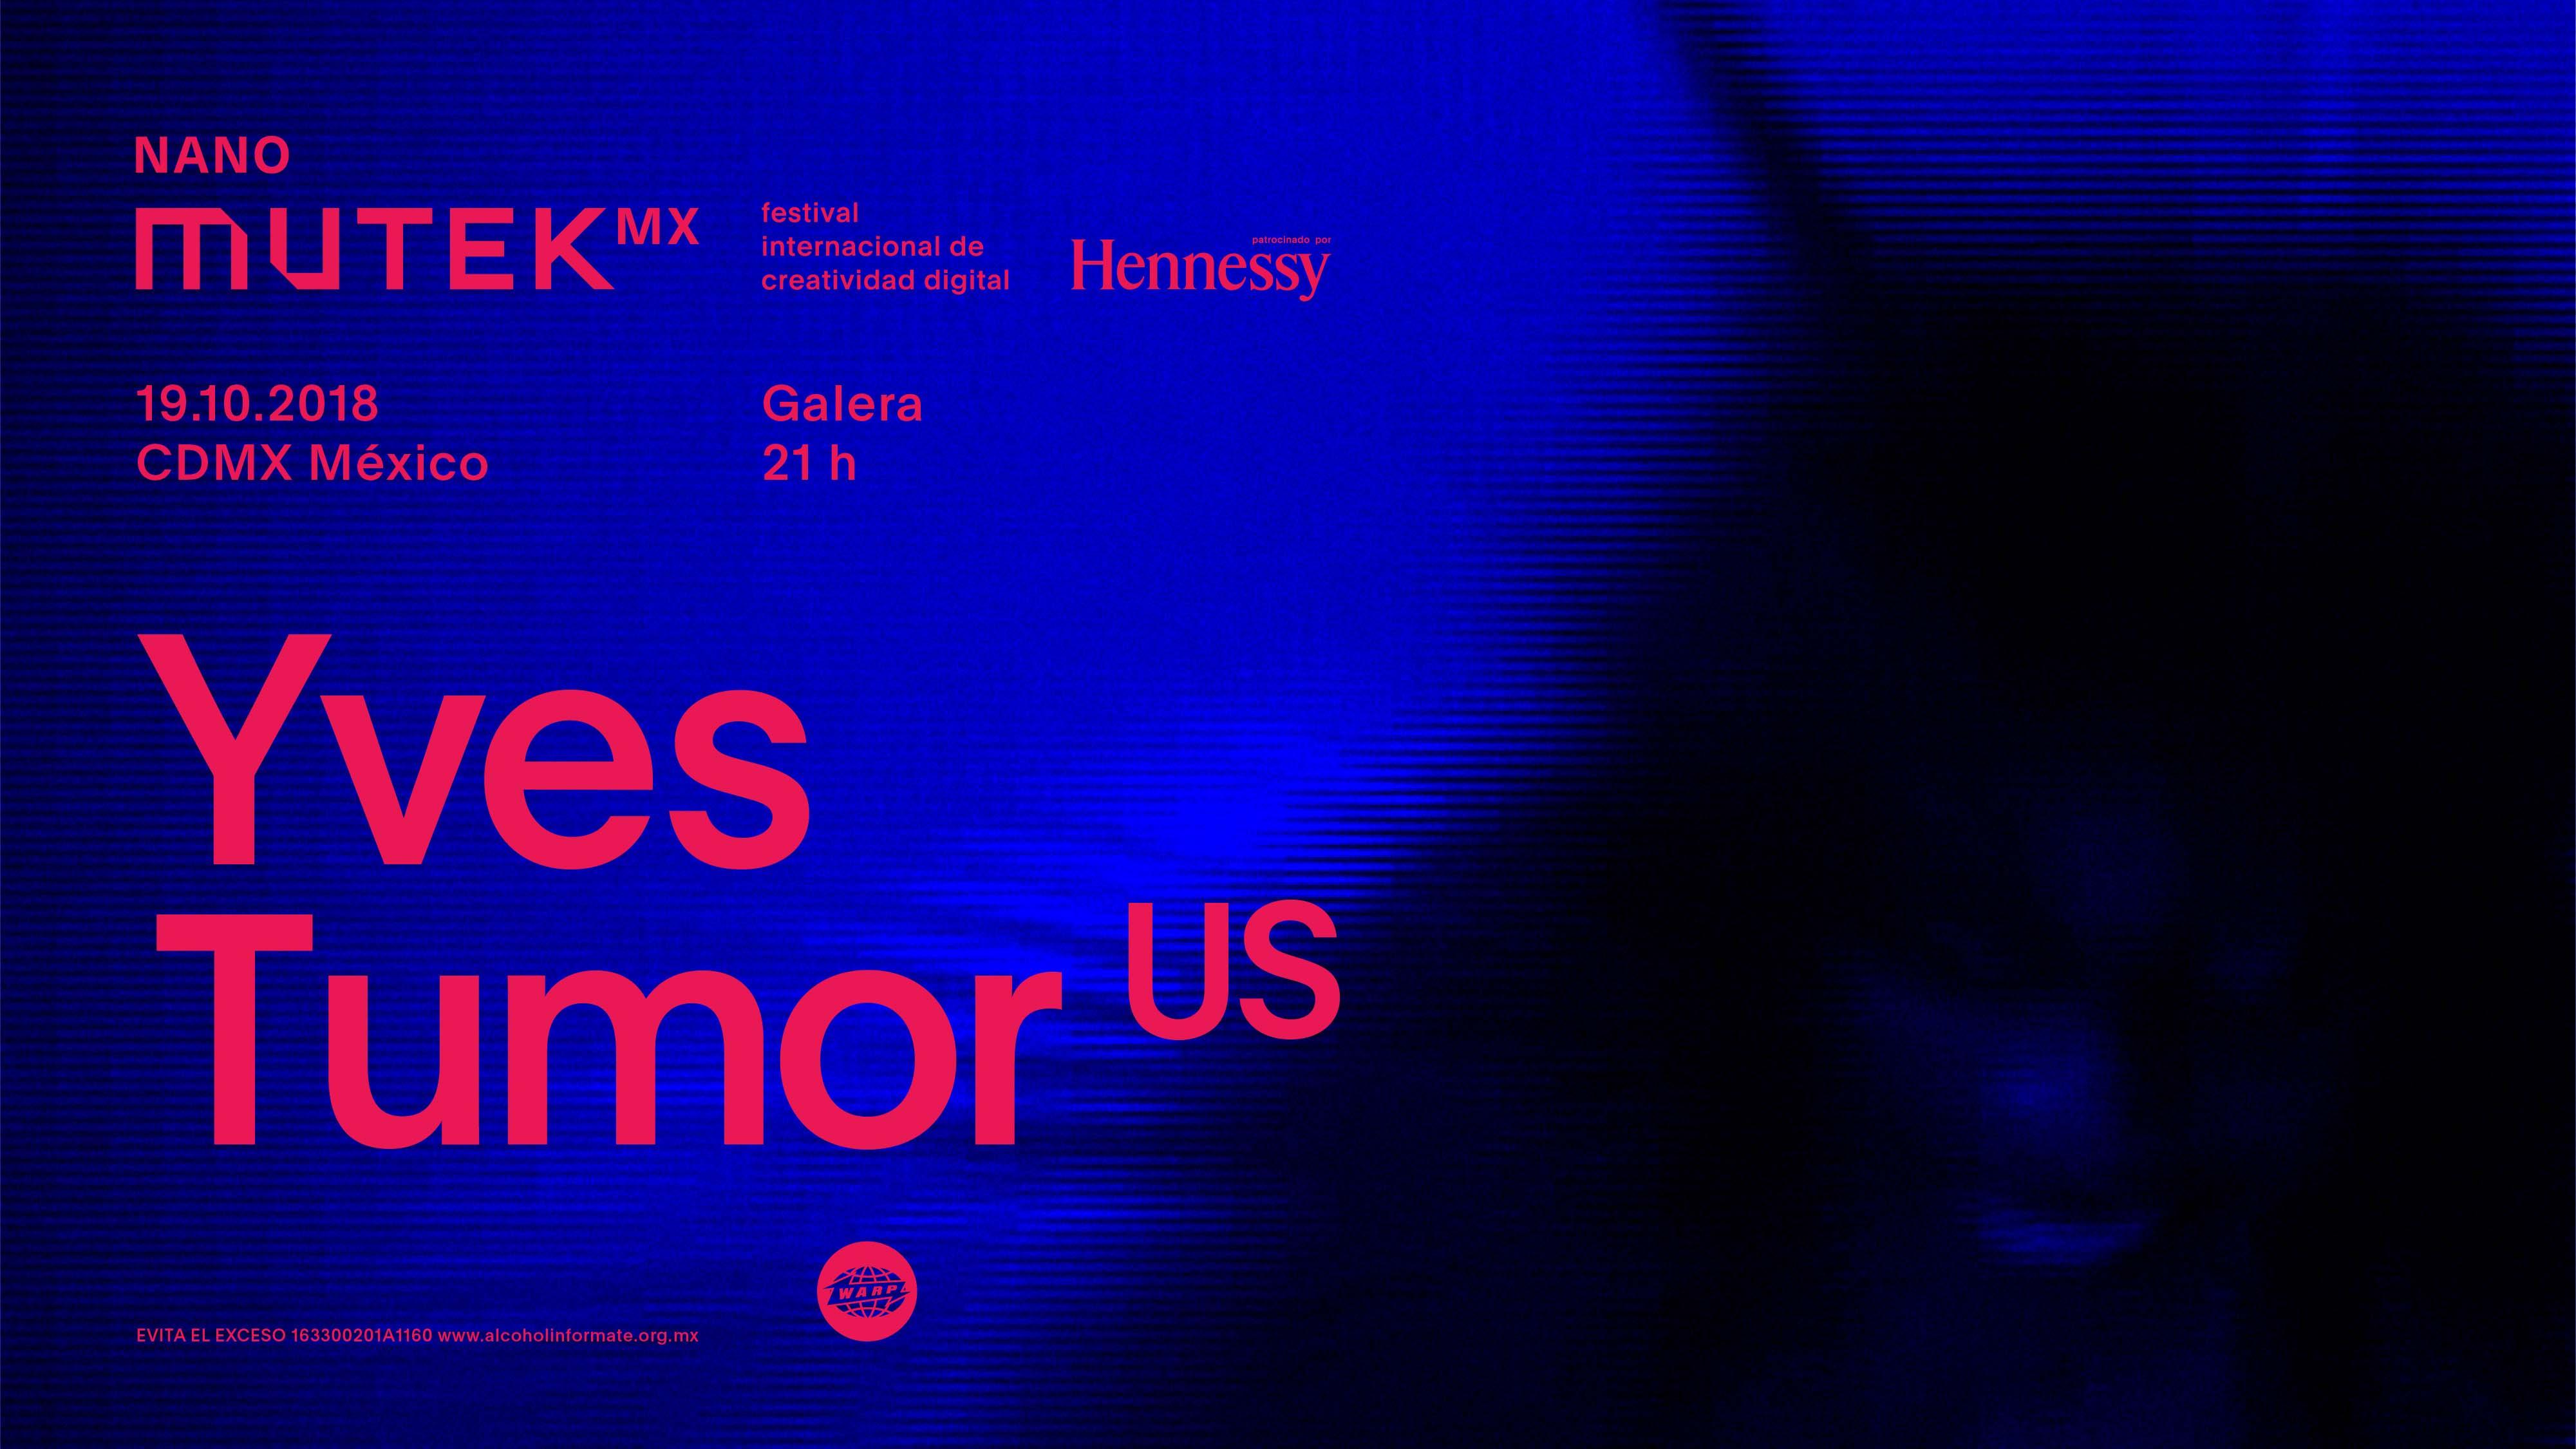 Tenemos boletos para que te lances a ver a Yves Tumor en NANO MUTEK MX 2018